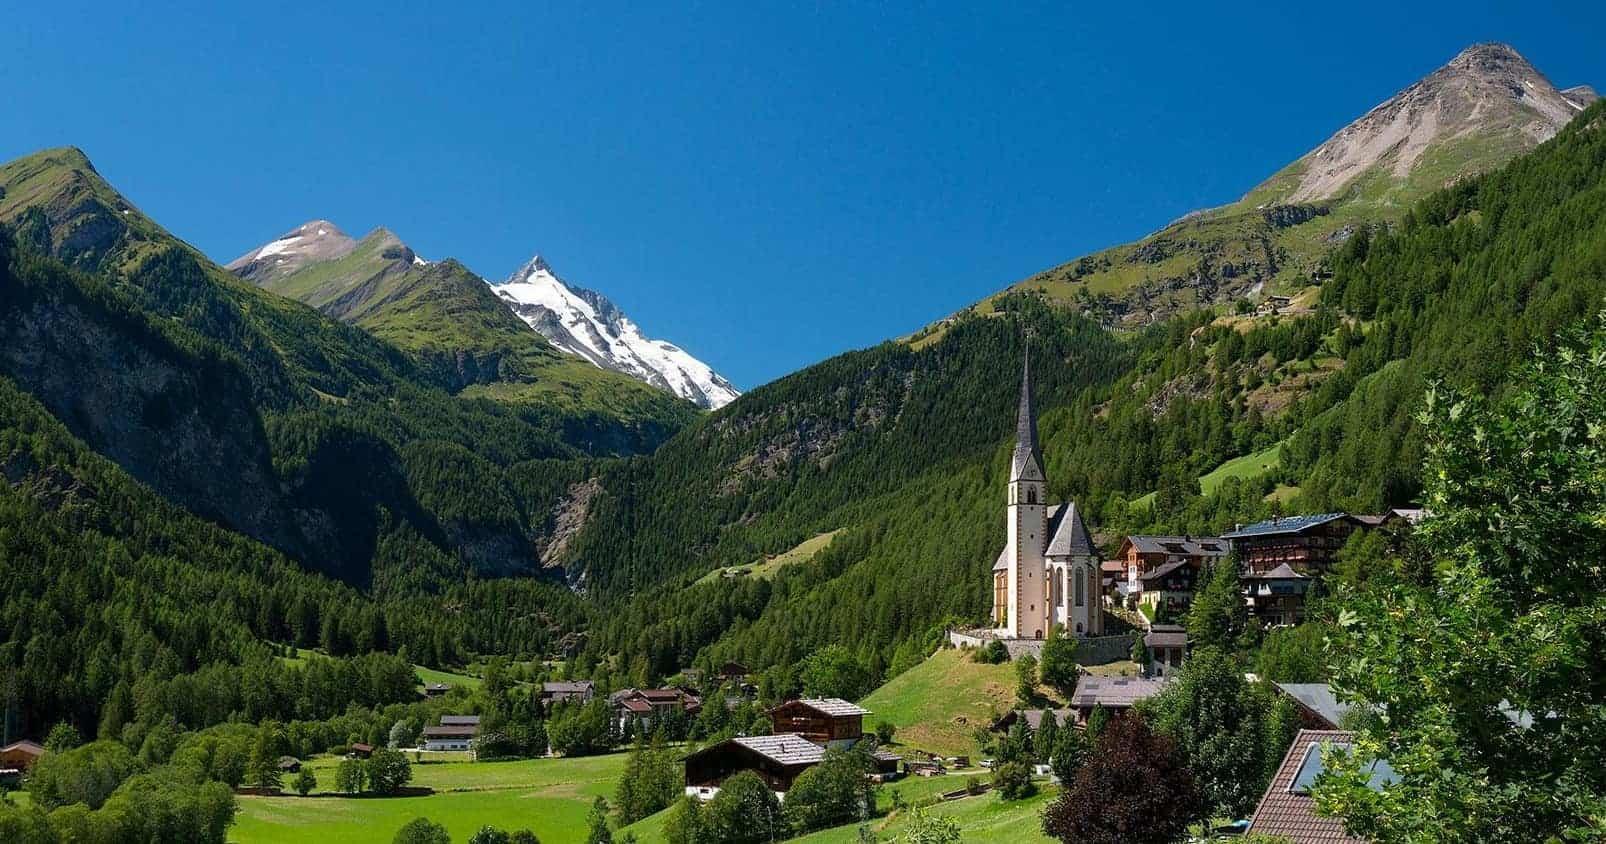 Kirche in Heiligenblut mit Großglockner. Sehenswürdigkeit in Österreich